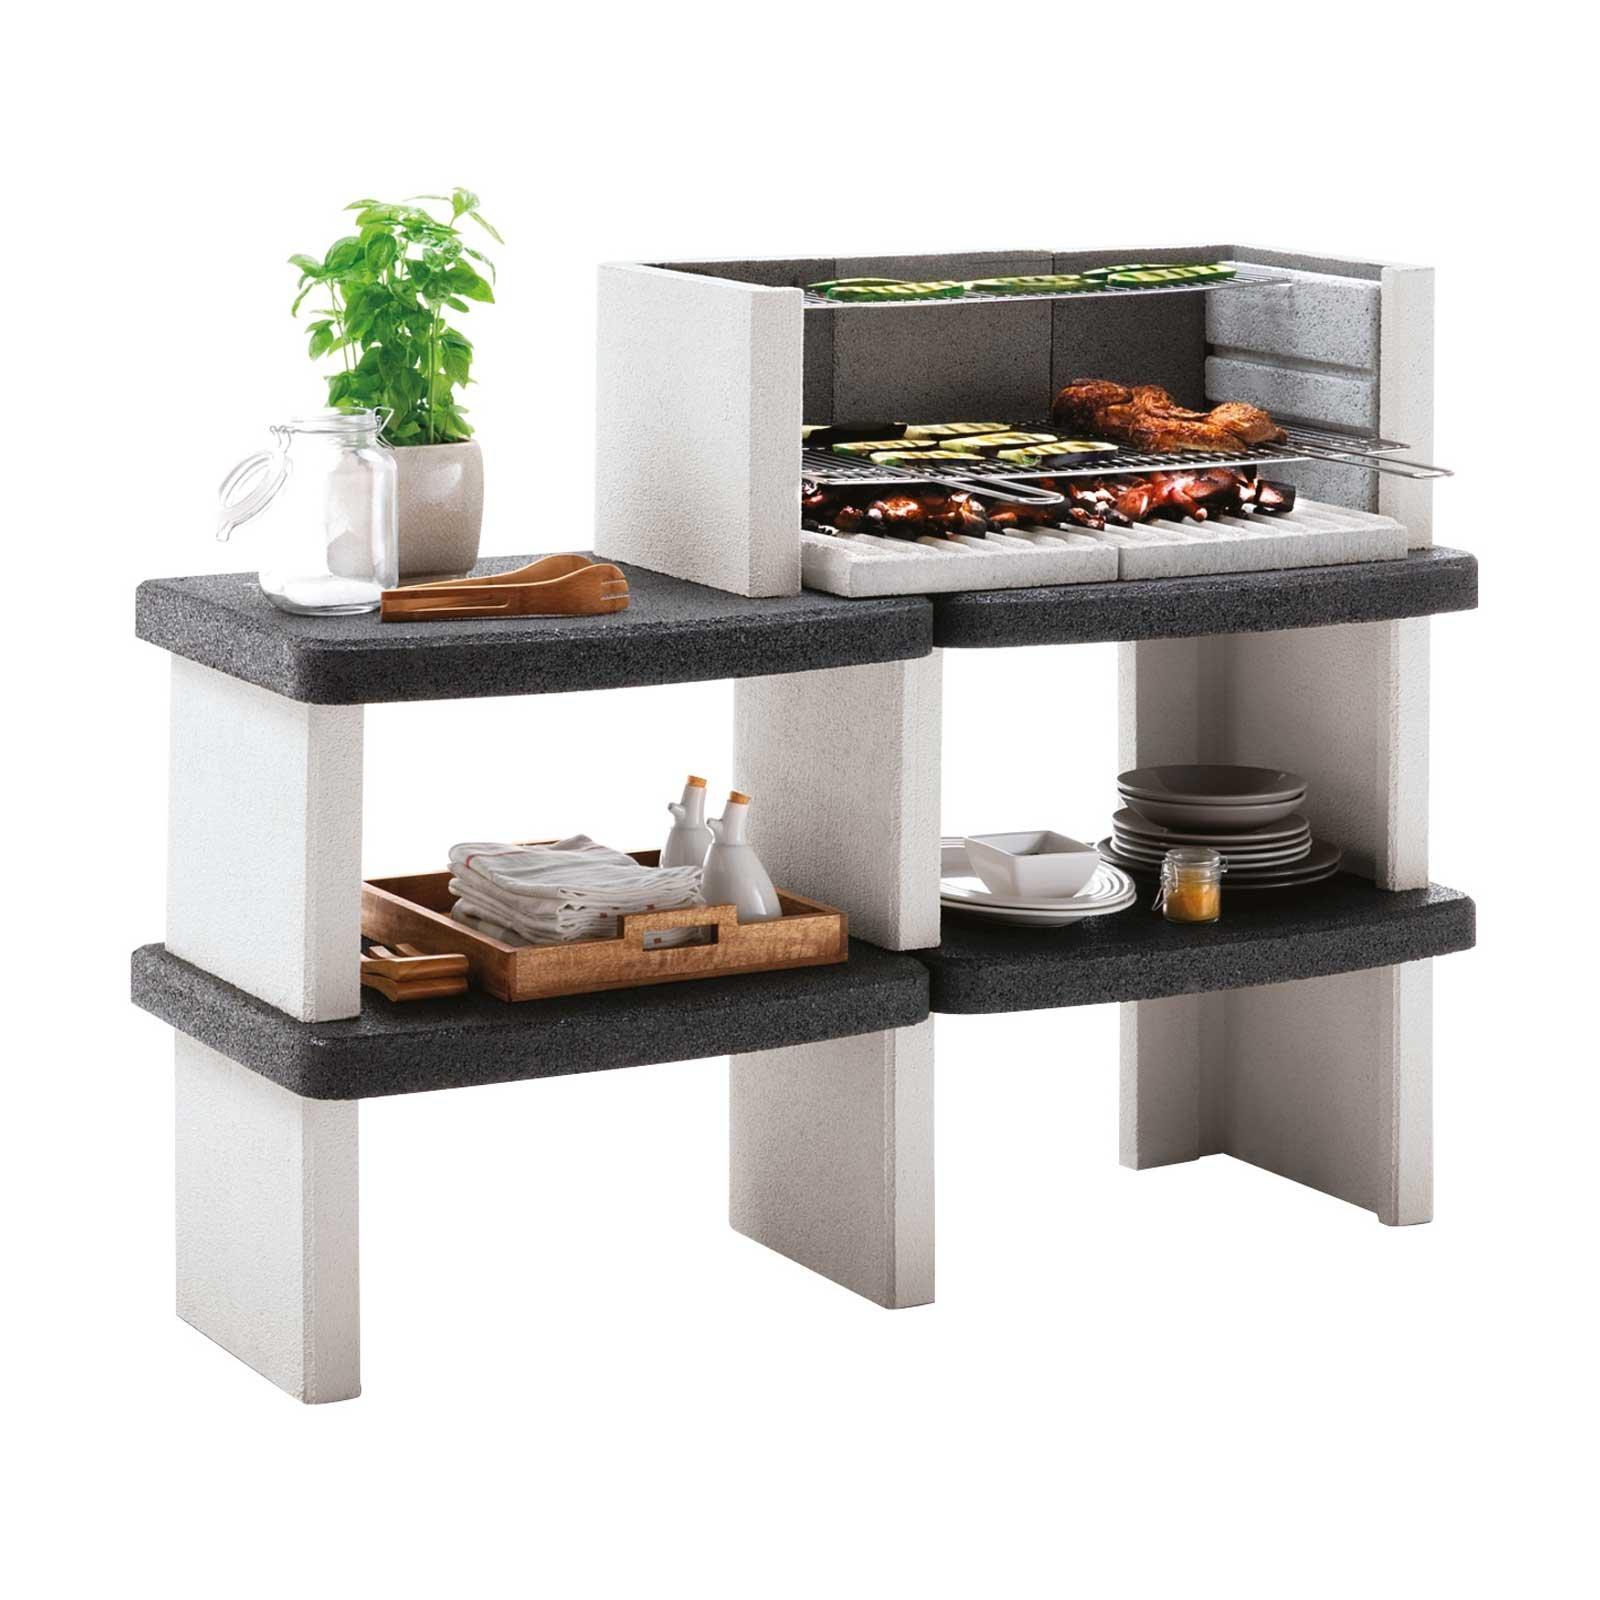 barbecue oggi cuciniamo fuori cose di casa. Black Bedroom Furniture Sets. Home Design Ideas